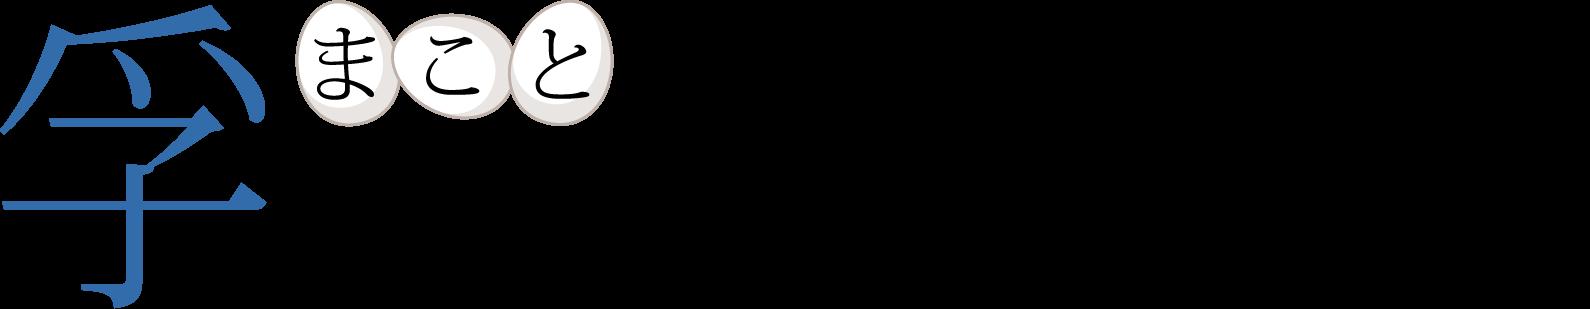 事業承継成功のためのリーダー・後継人材育成支援|社労士・東洋哲学講師の飯田吉宏